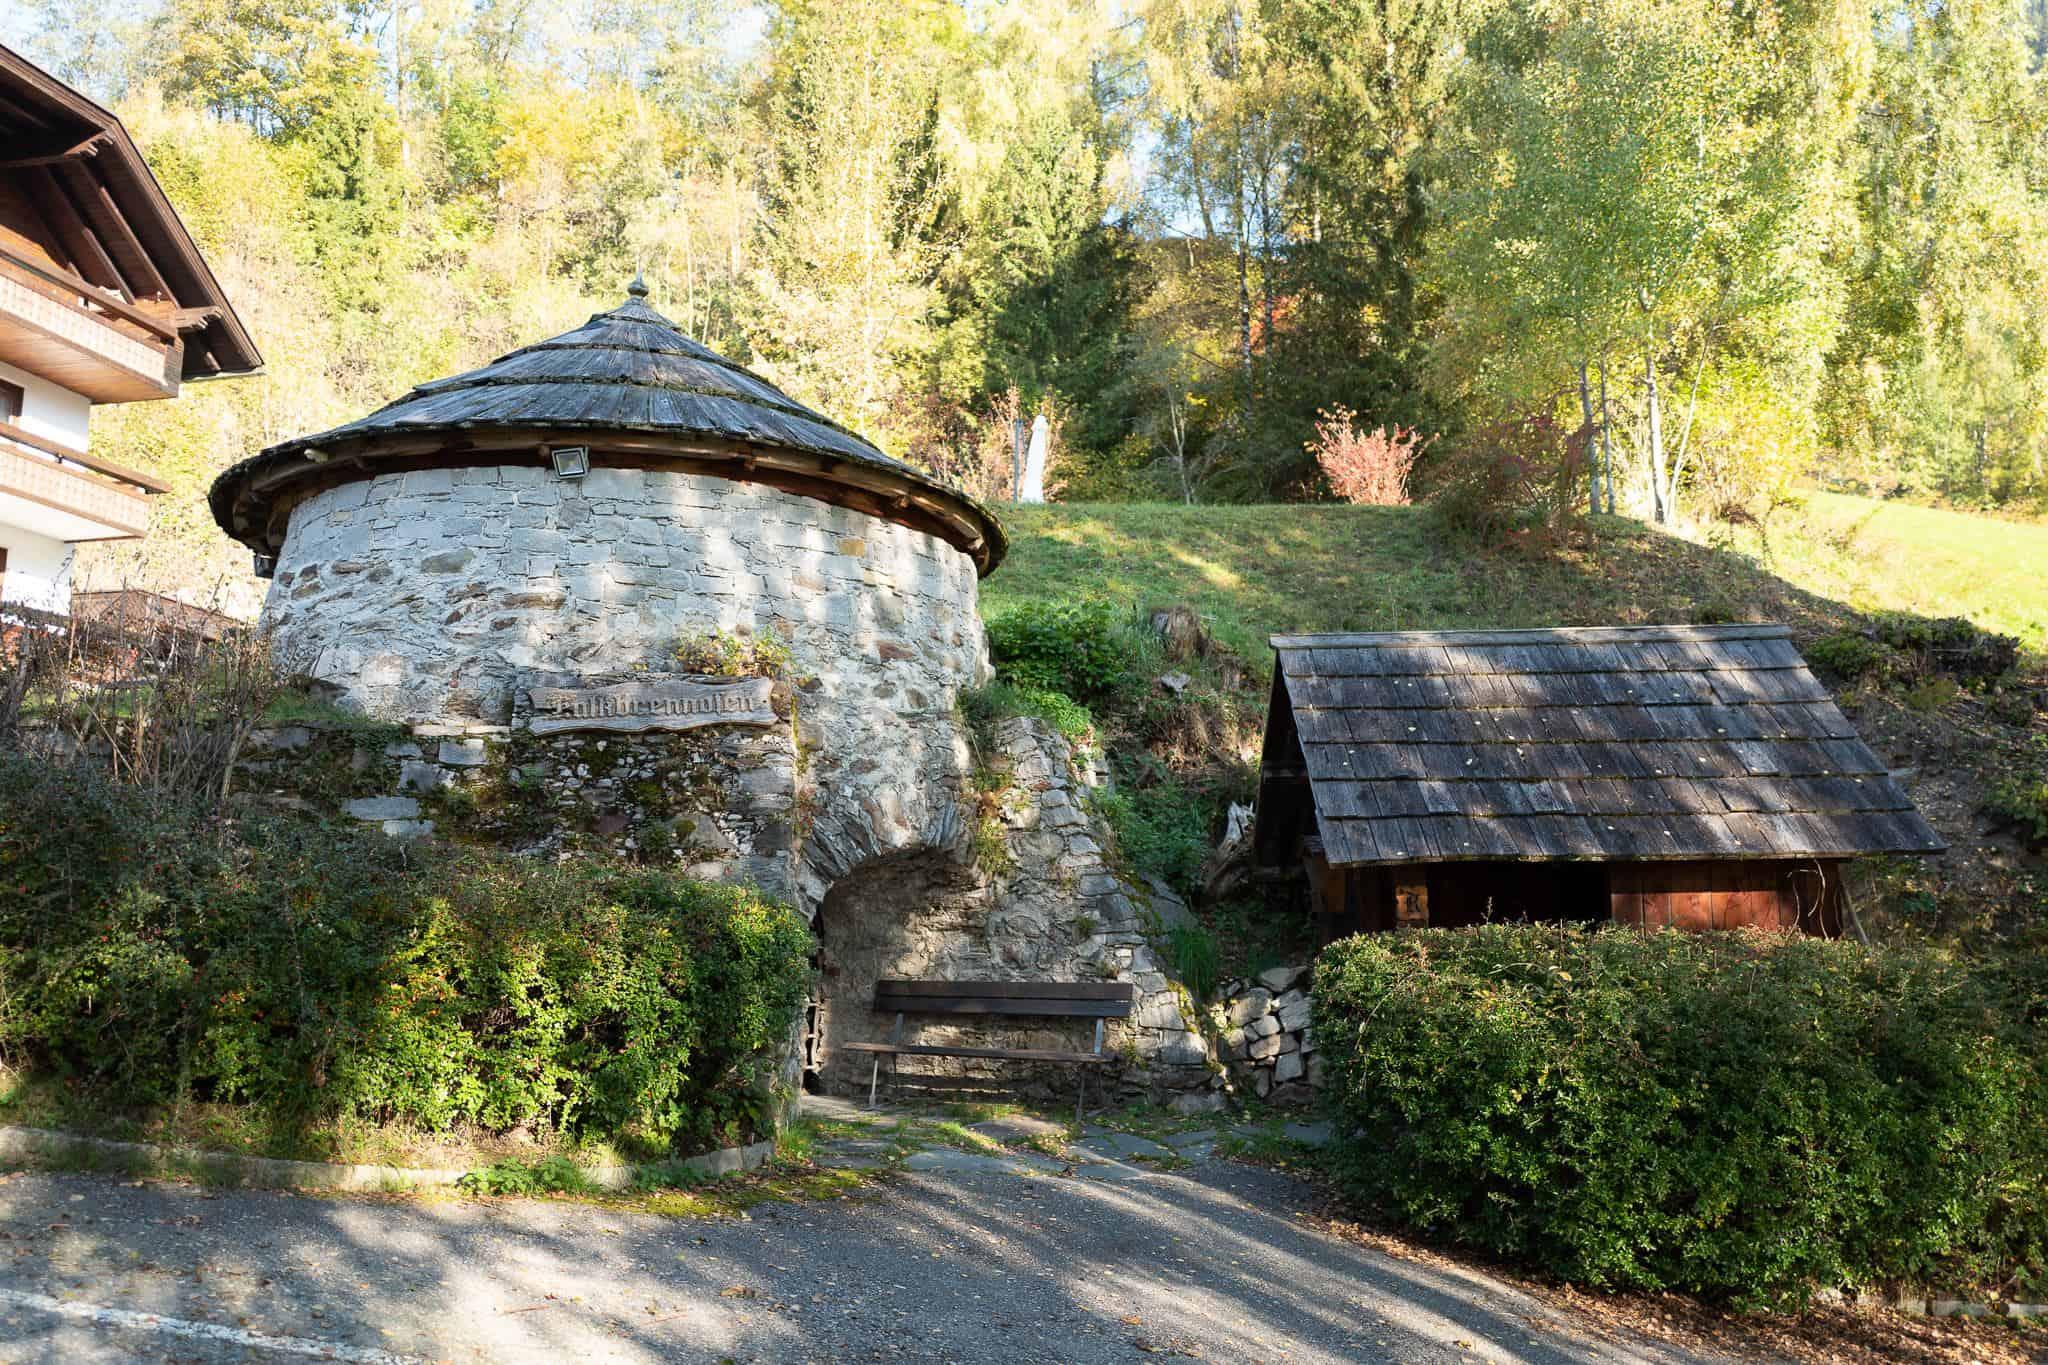 Kalkbrennofen Bad Kleinkirchheim - Ausflugsziel in Kärnten